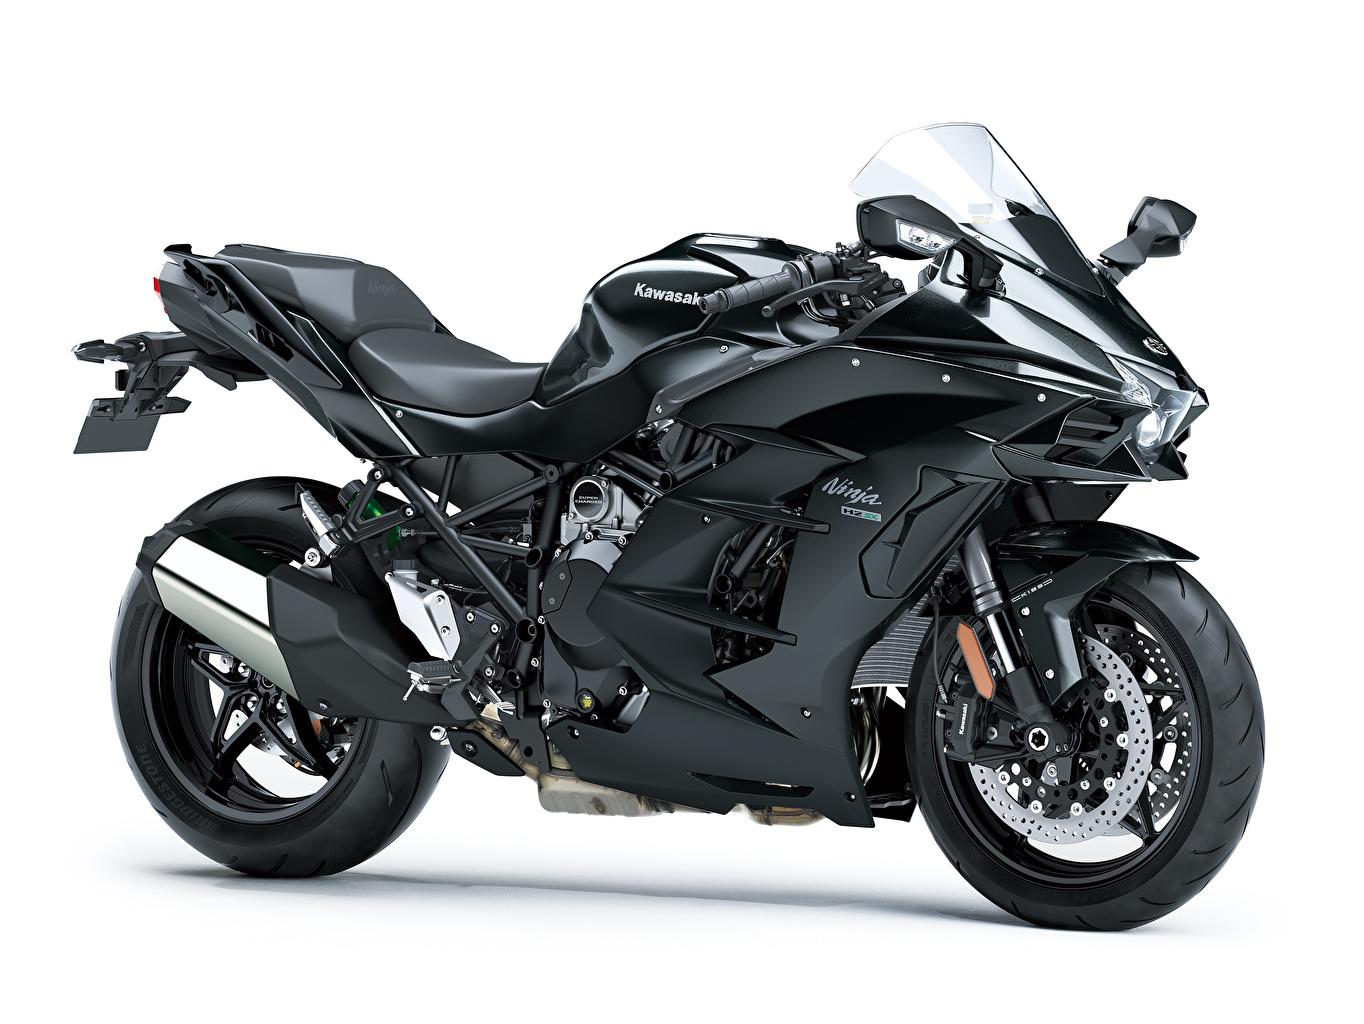 Bilder von Kawasaki Ninja H2 SX, 2018 Schwarz Motorrad Weißer hintergrund Motorräder